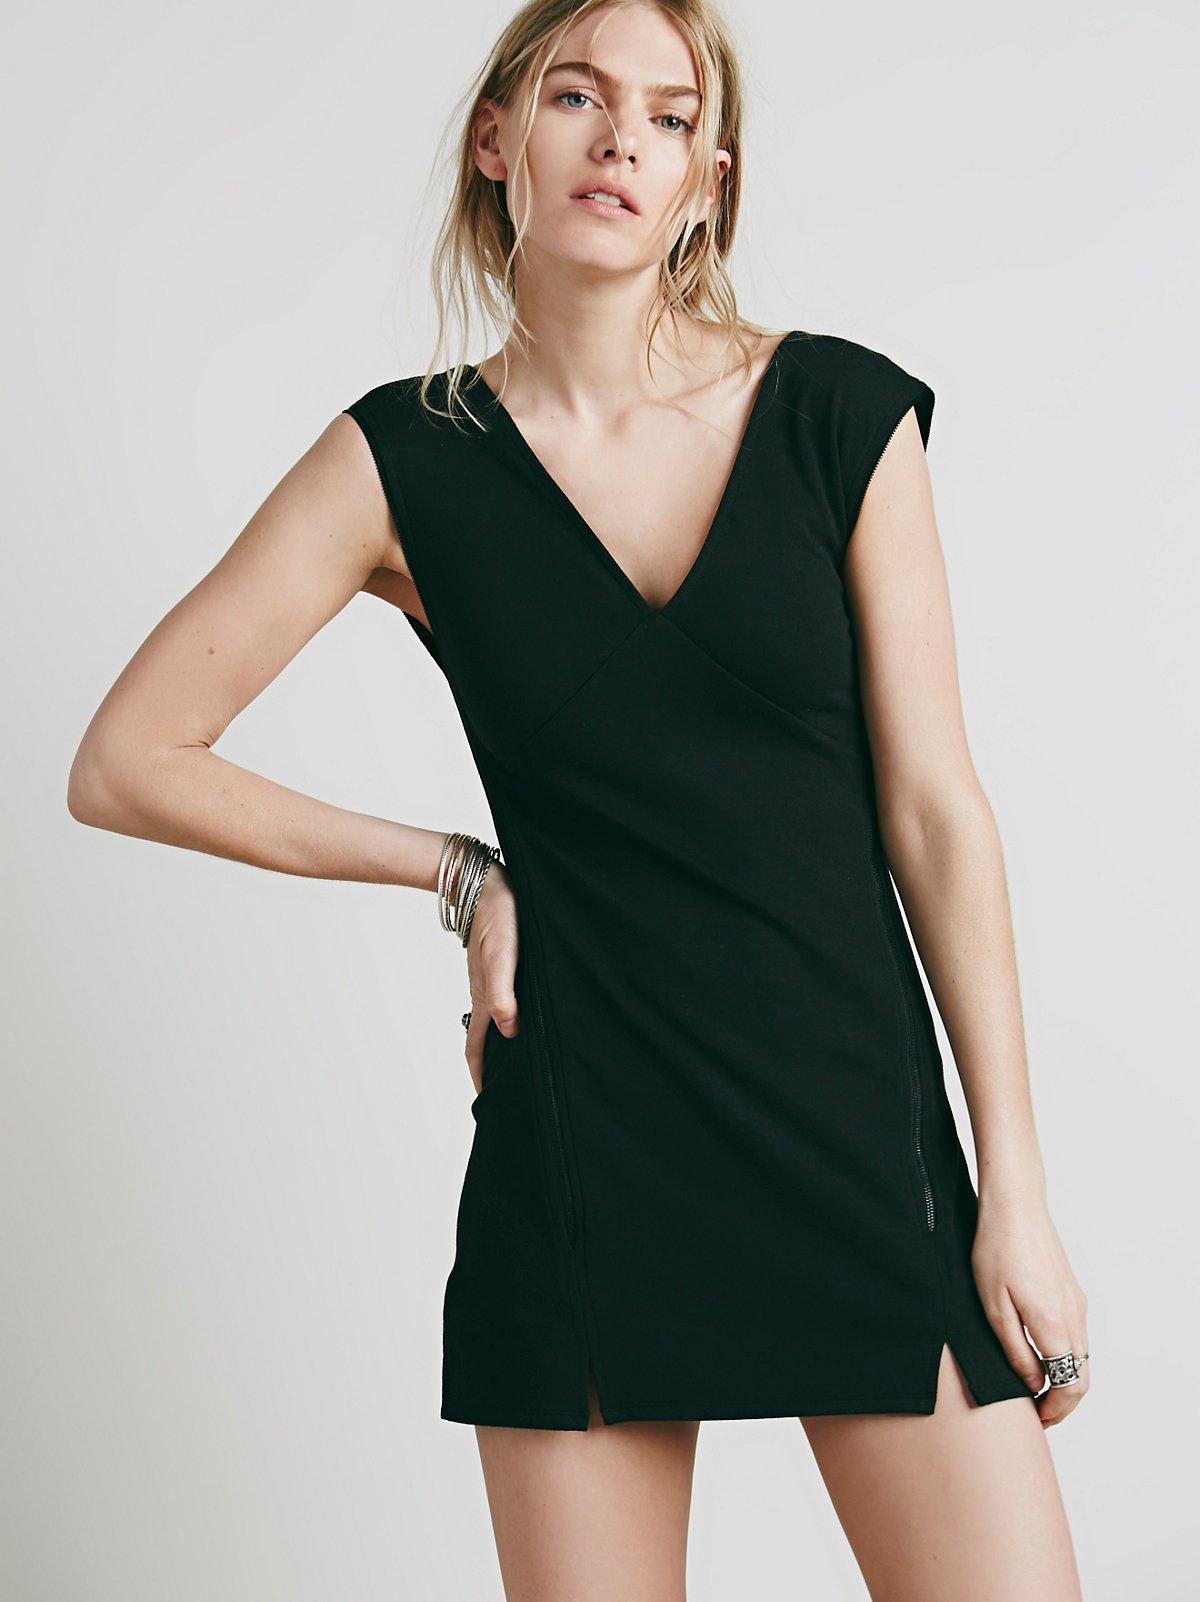 Oslo直筒连衣裙